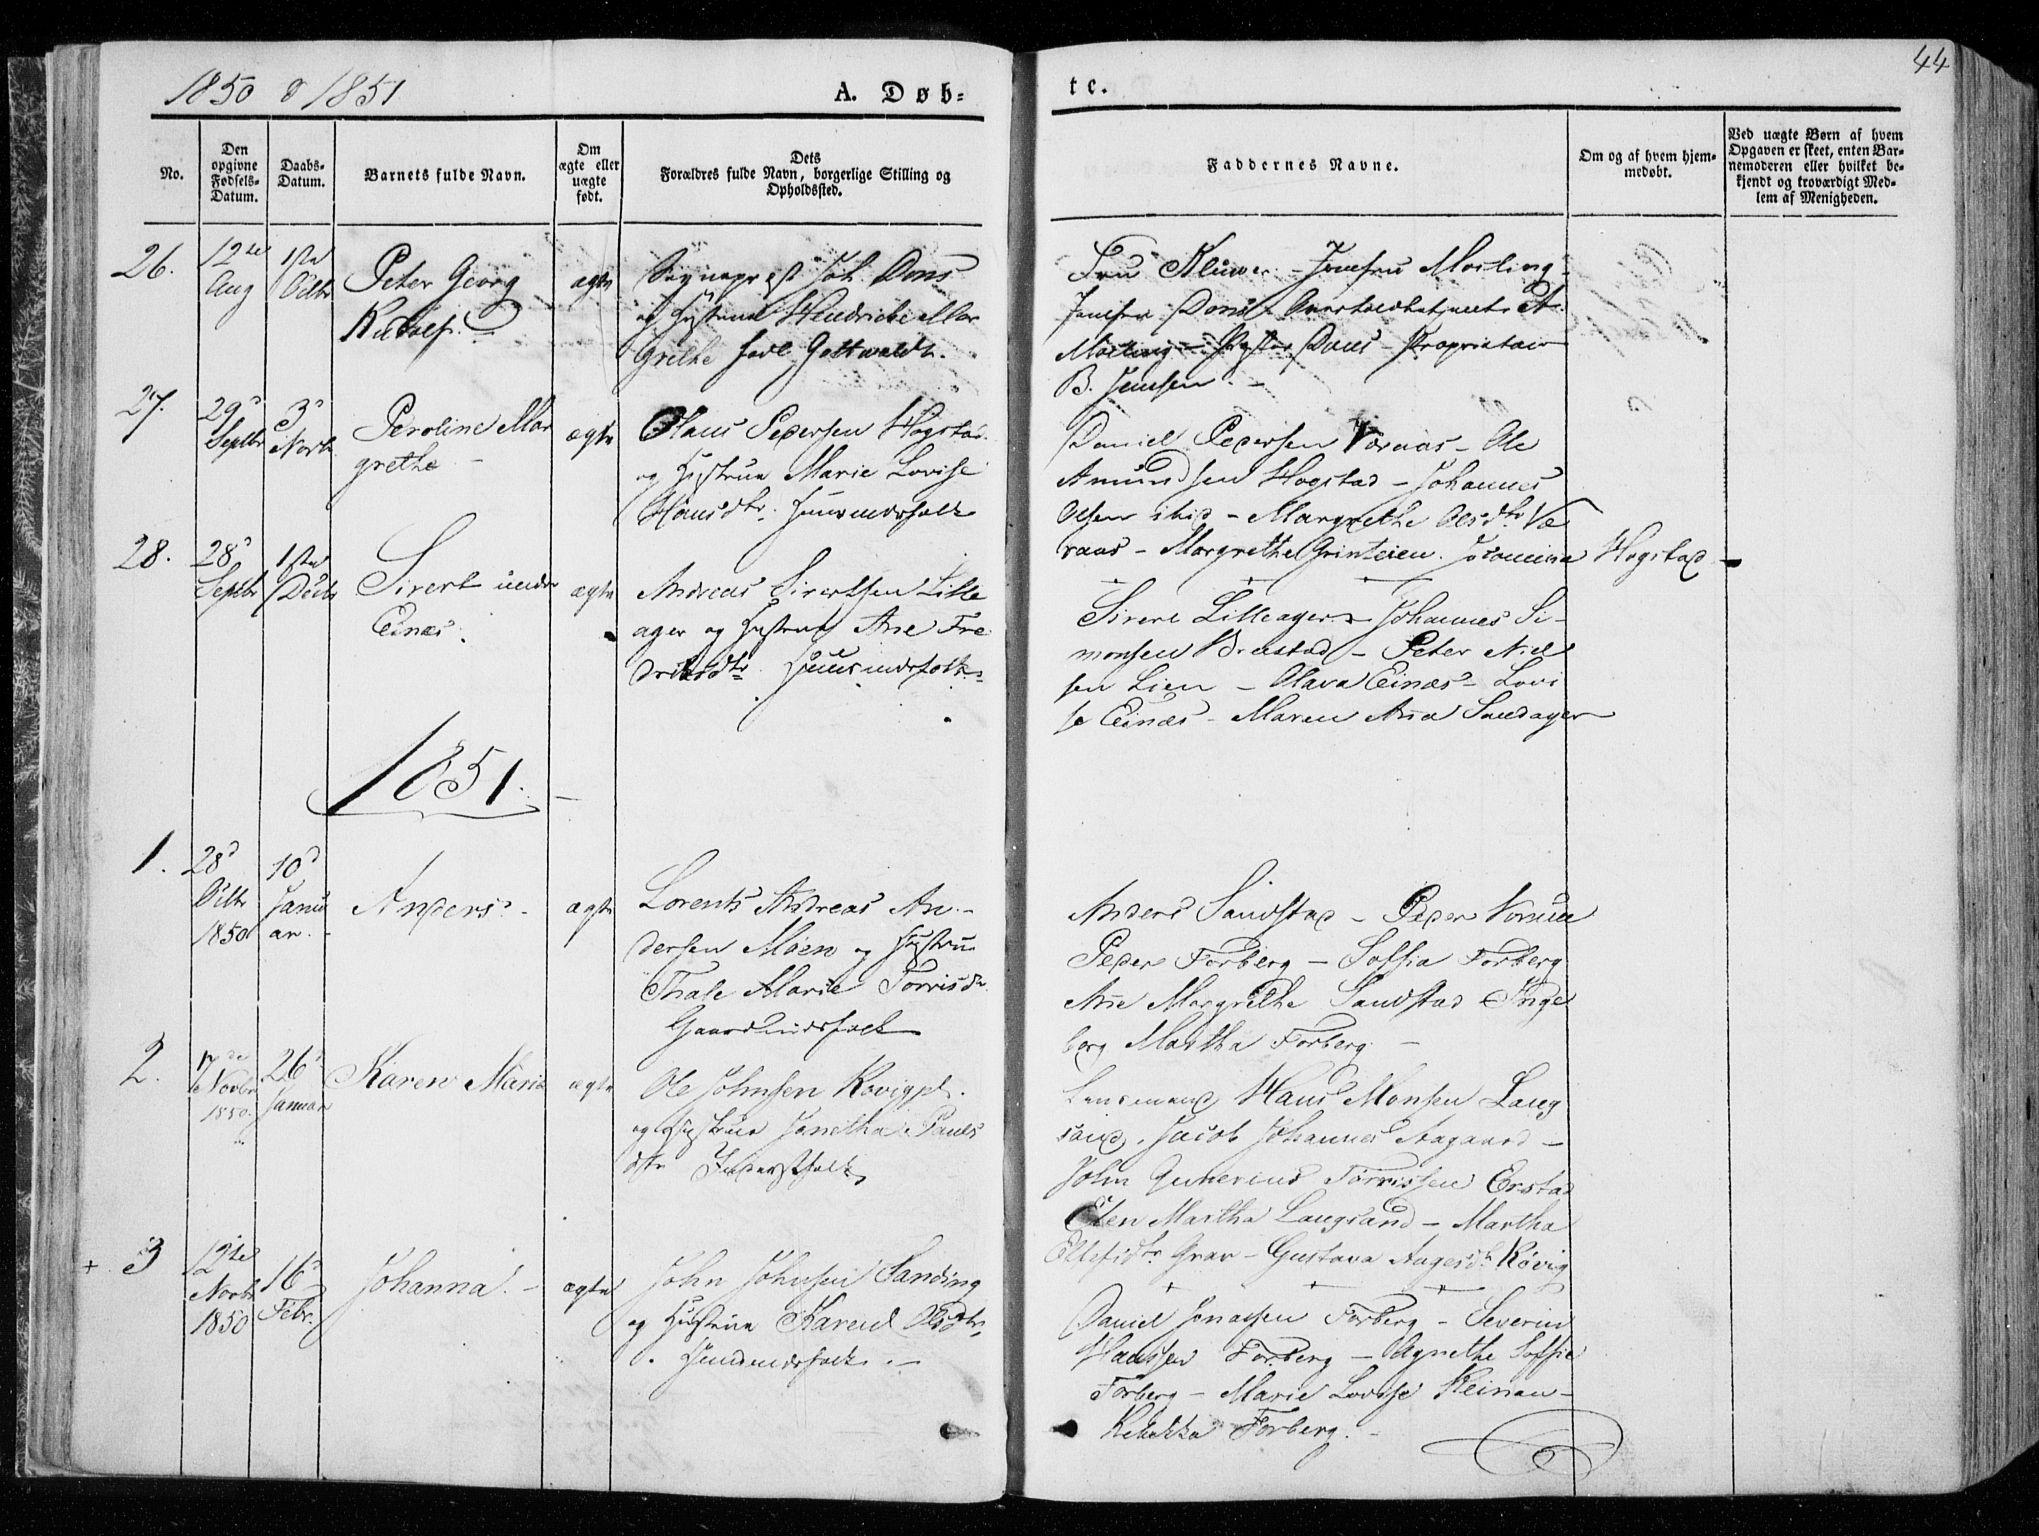 SAT, Ministerialprotokoller, klokkerbøker og fødselsregistre - Nord-Trøndelag, 722/L0218: Ministerialbok nr. 722A05, 1843-1868, s. 44